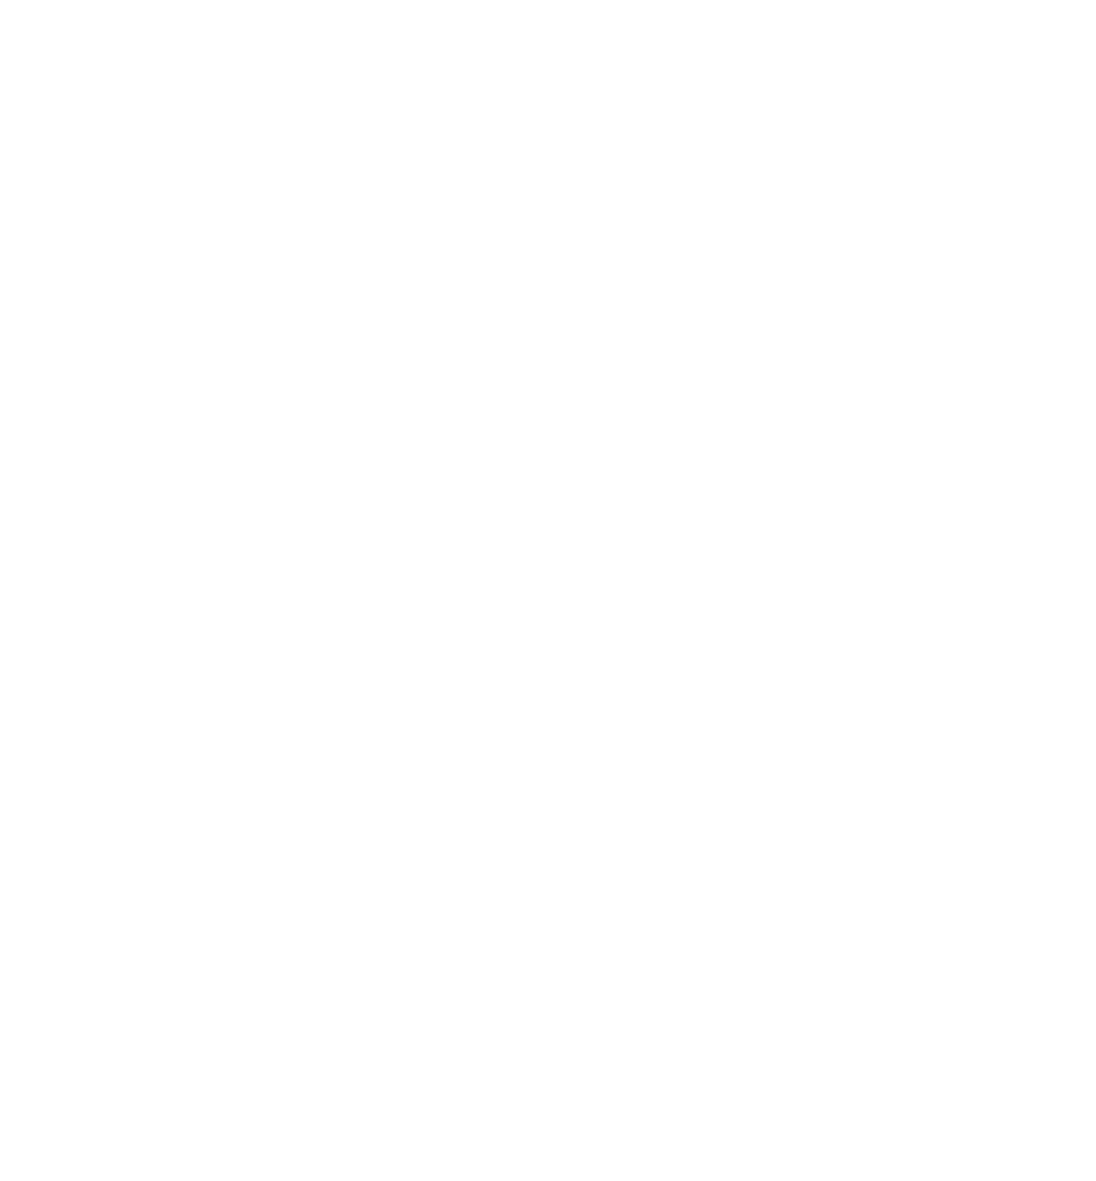 executari-lege-iasi